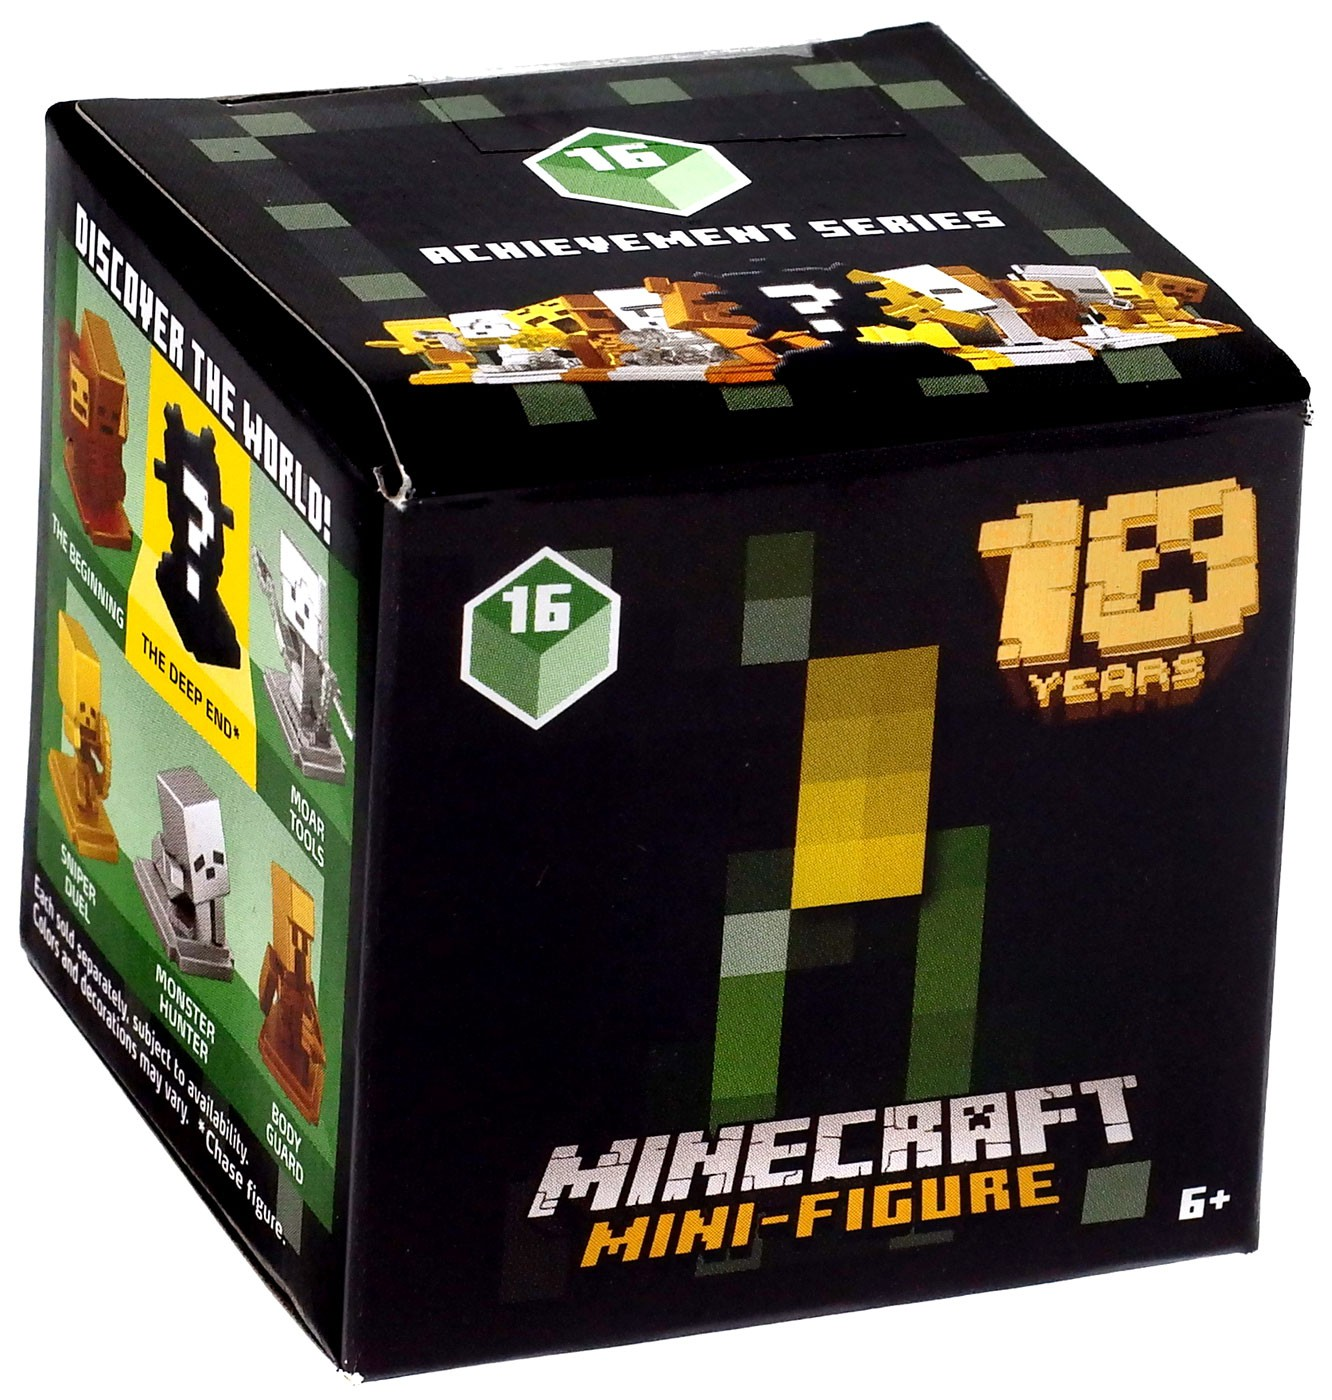 Minecraft Mini Figure Series 1 2 3 4 5 6 7 8 9 10 11 12 13 14 15 16 17 18 19